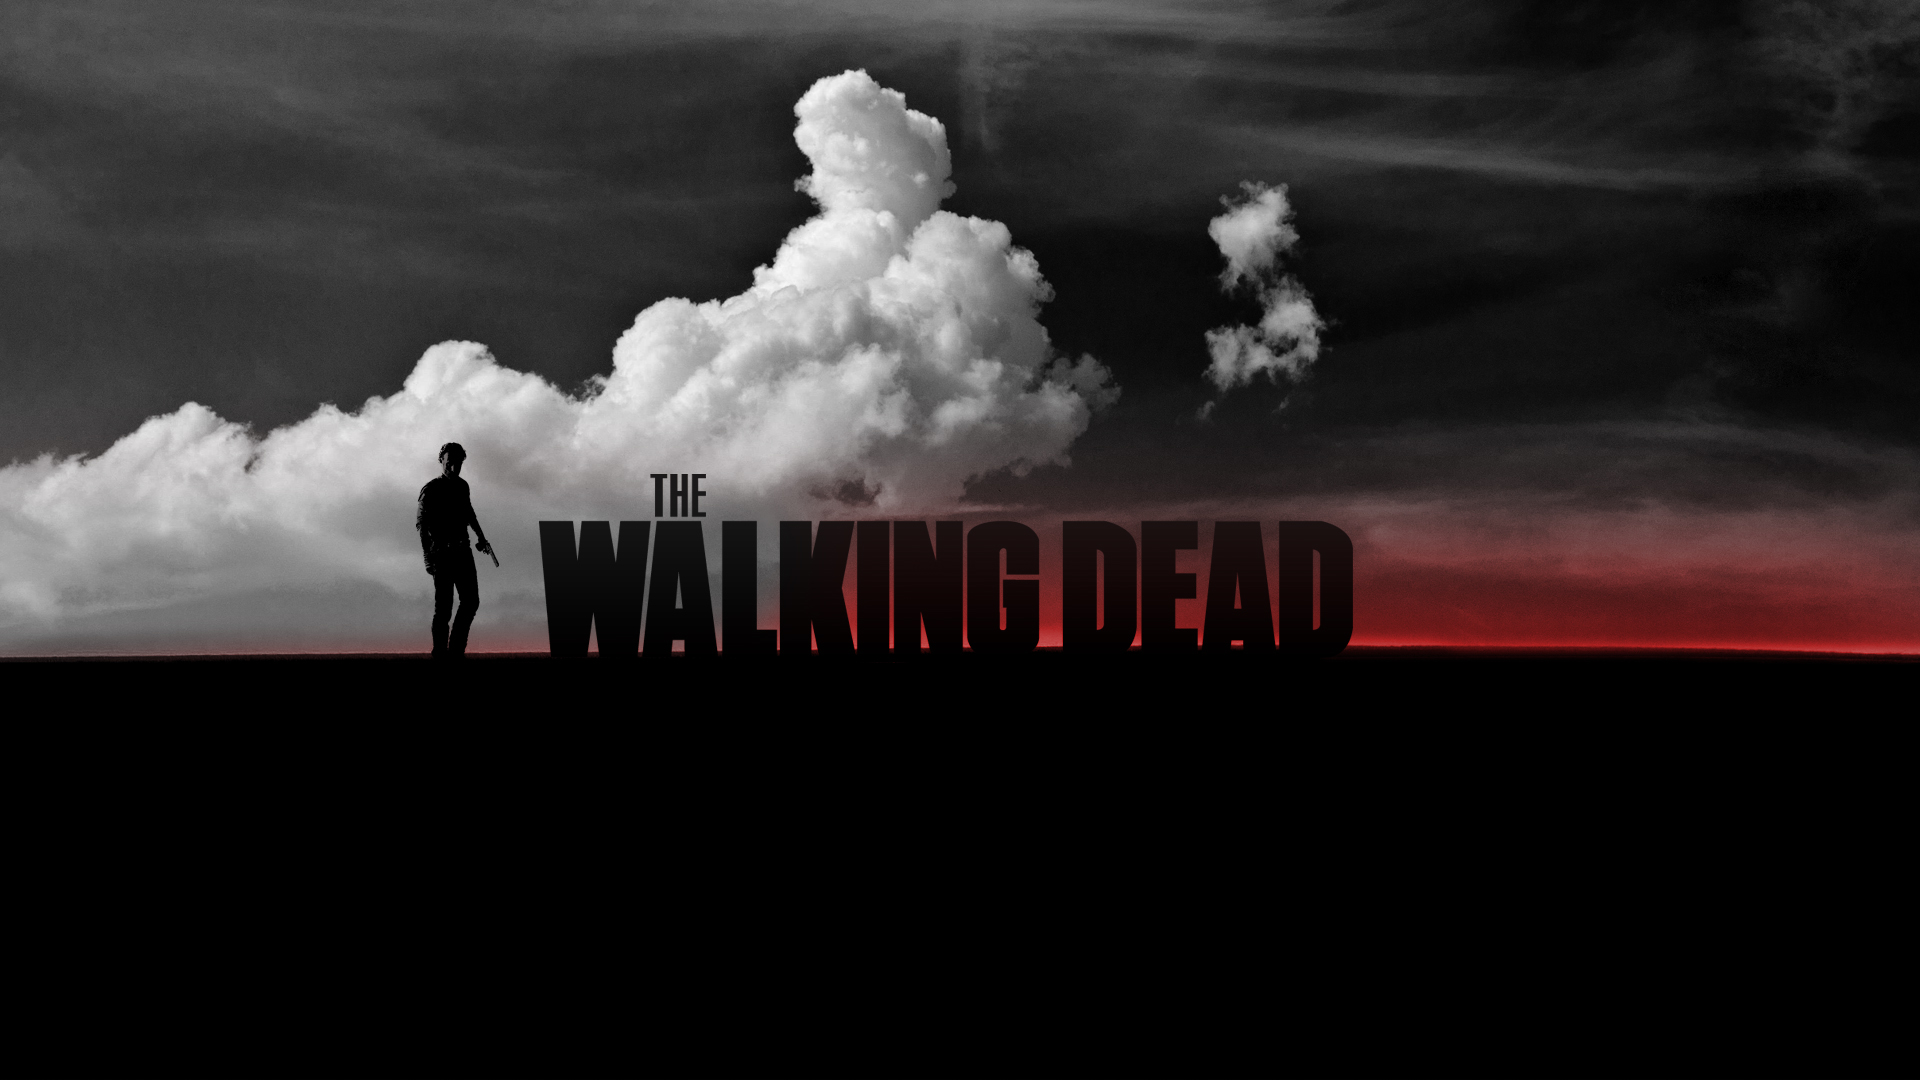 The Walking Dead - Wallpaper by RockLou